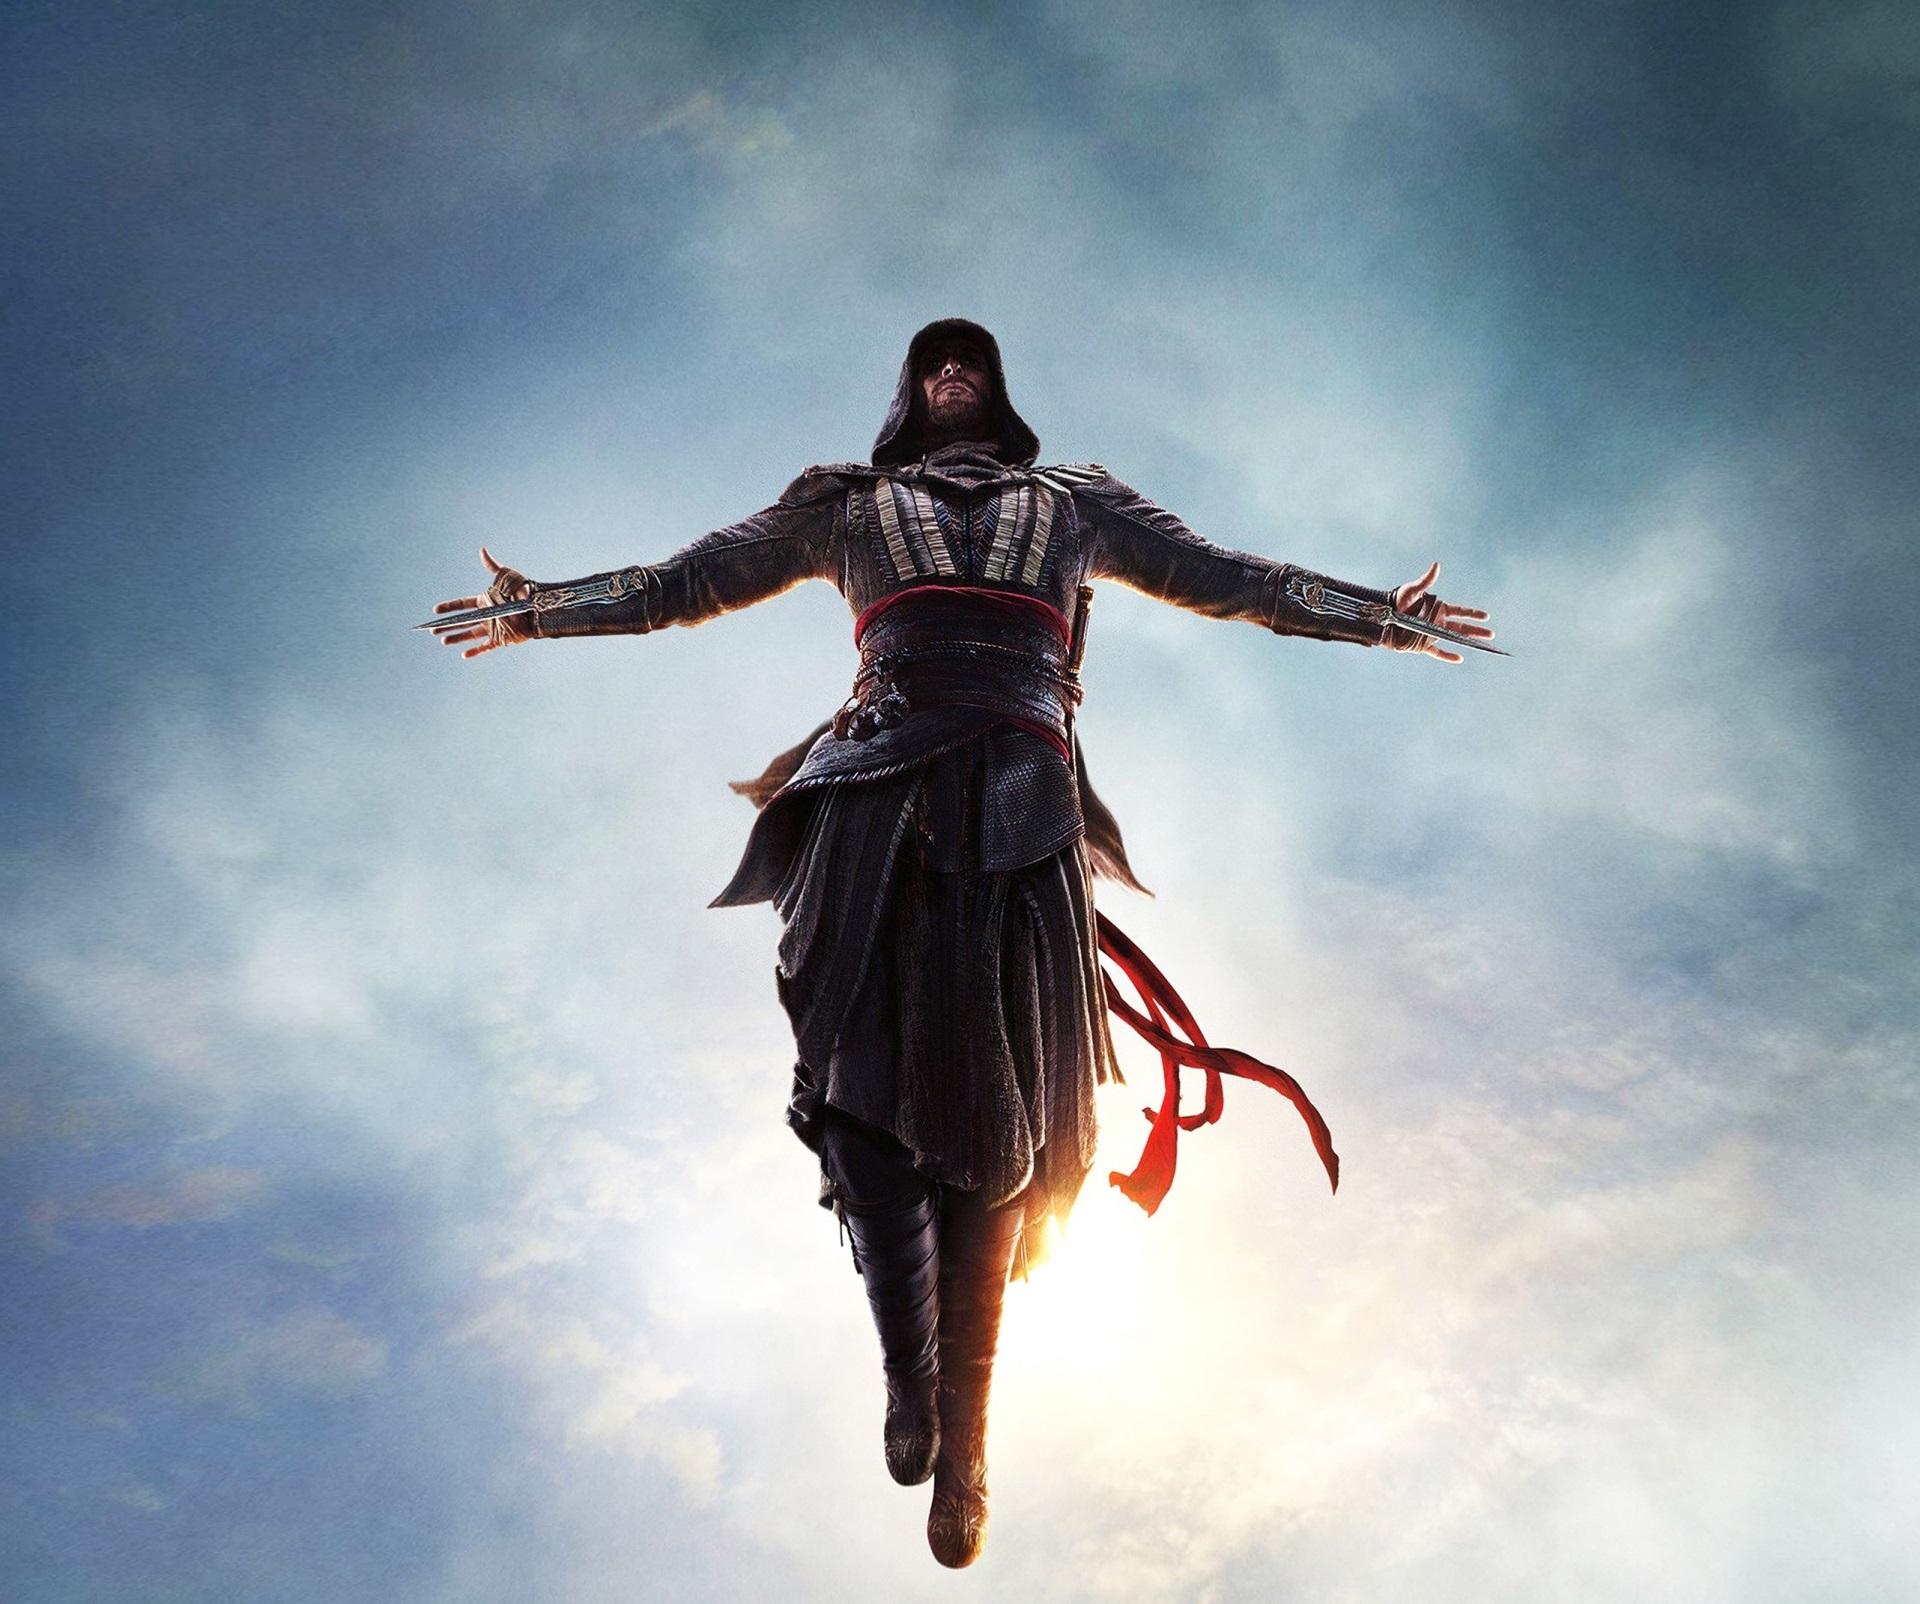 Assassin's Creed Hd Wallpaper 1080p - HD Wallpaper